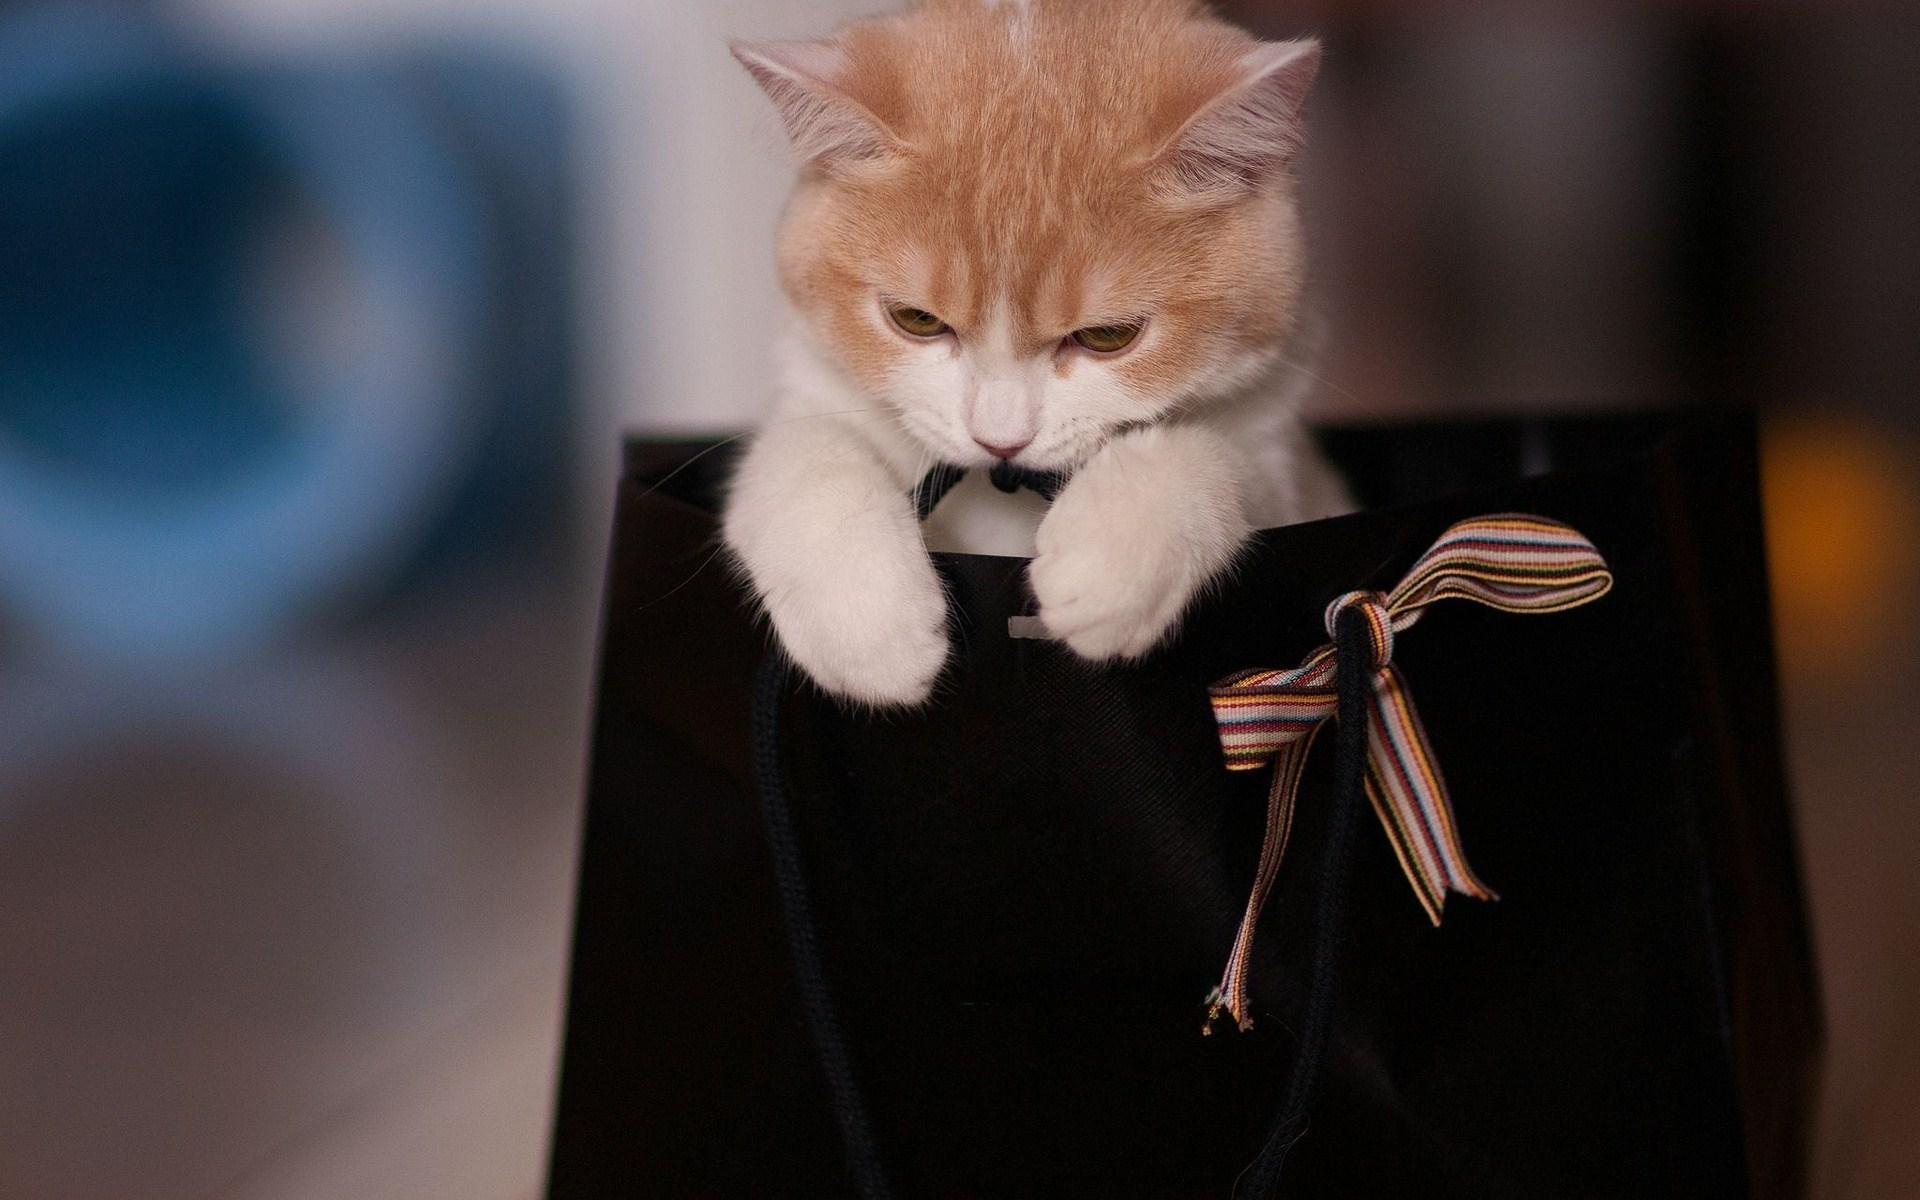 cute cat photos wallpaper